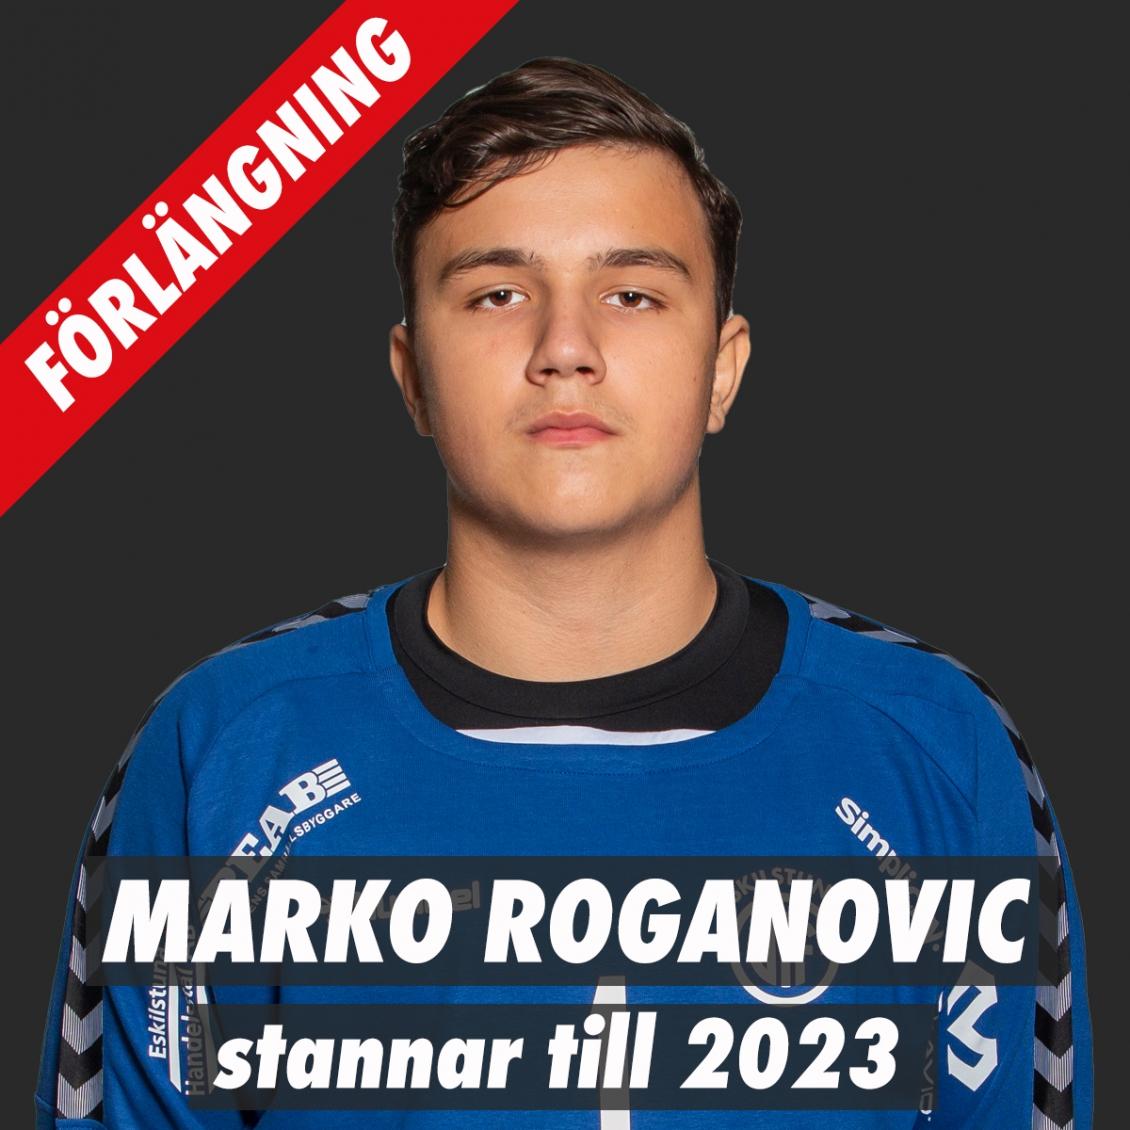 Marko Roganovic förlänger